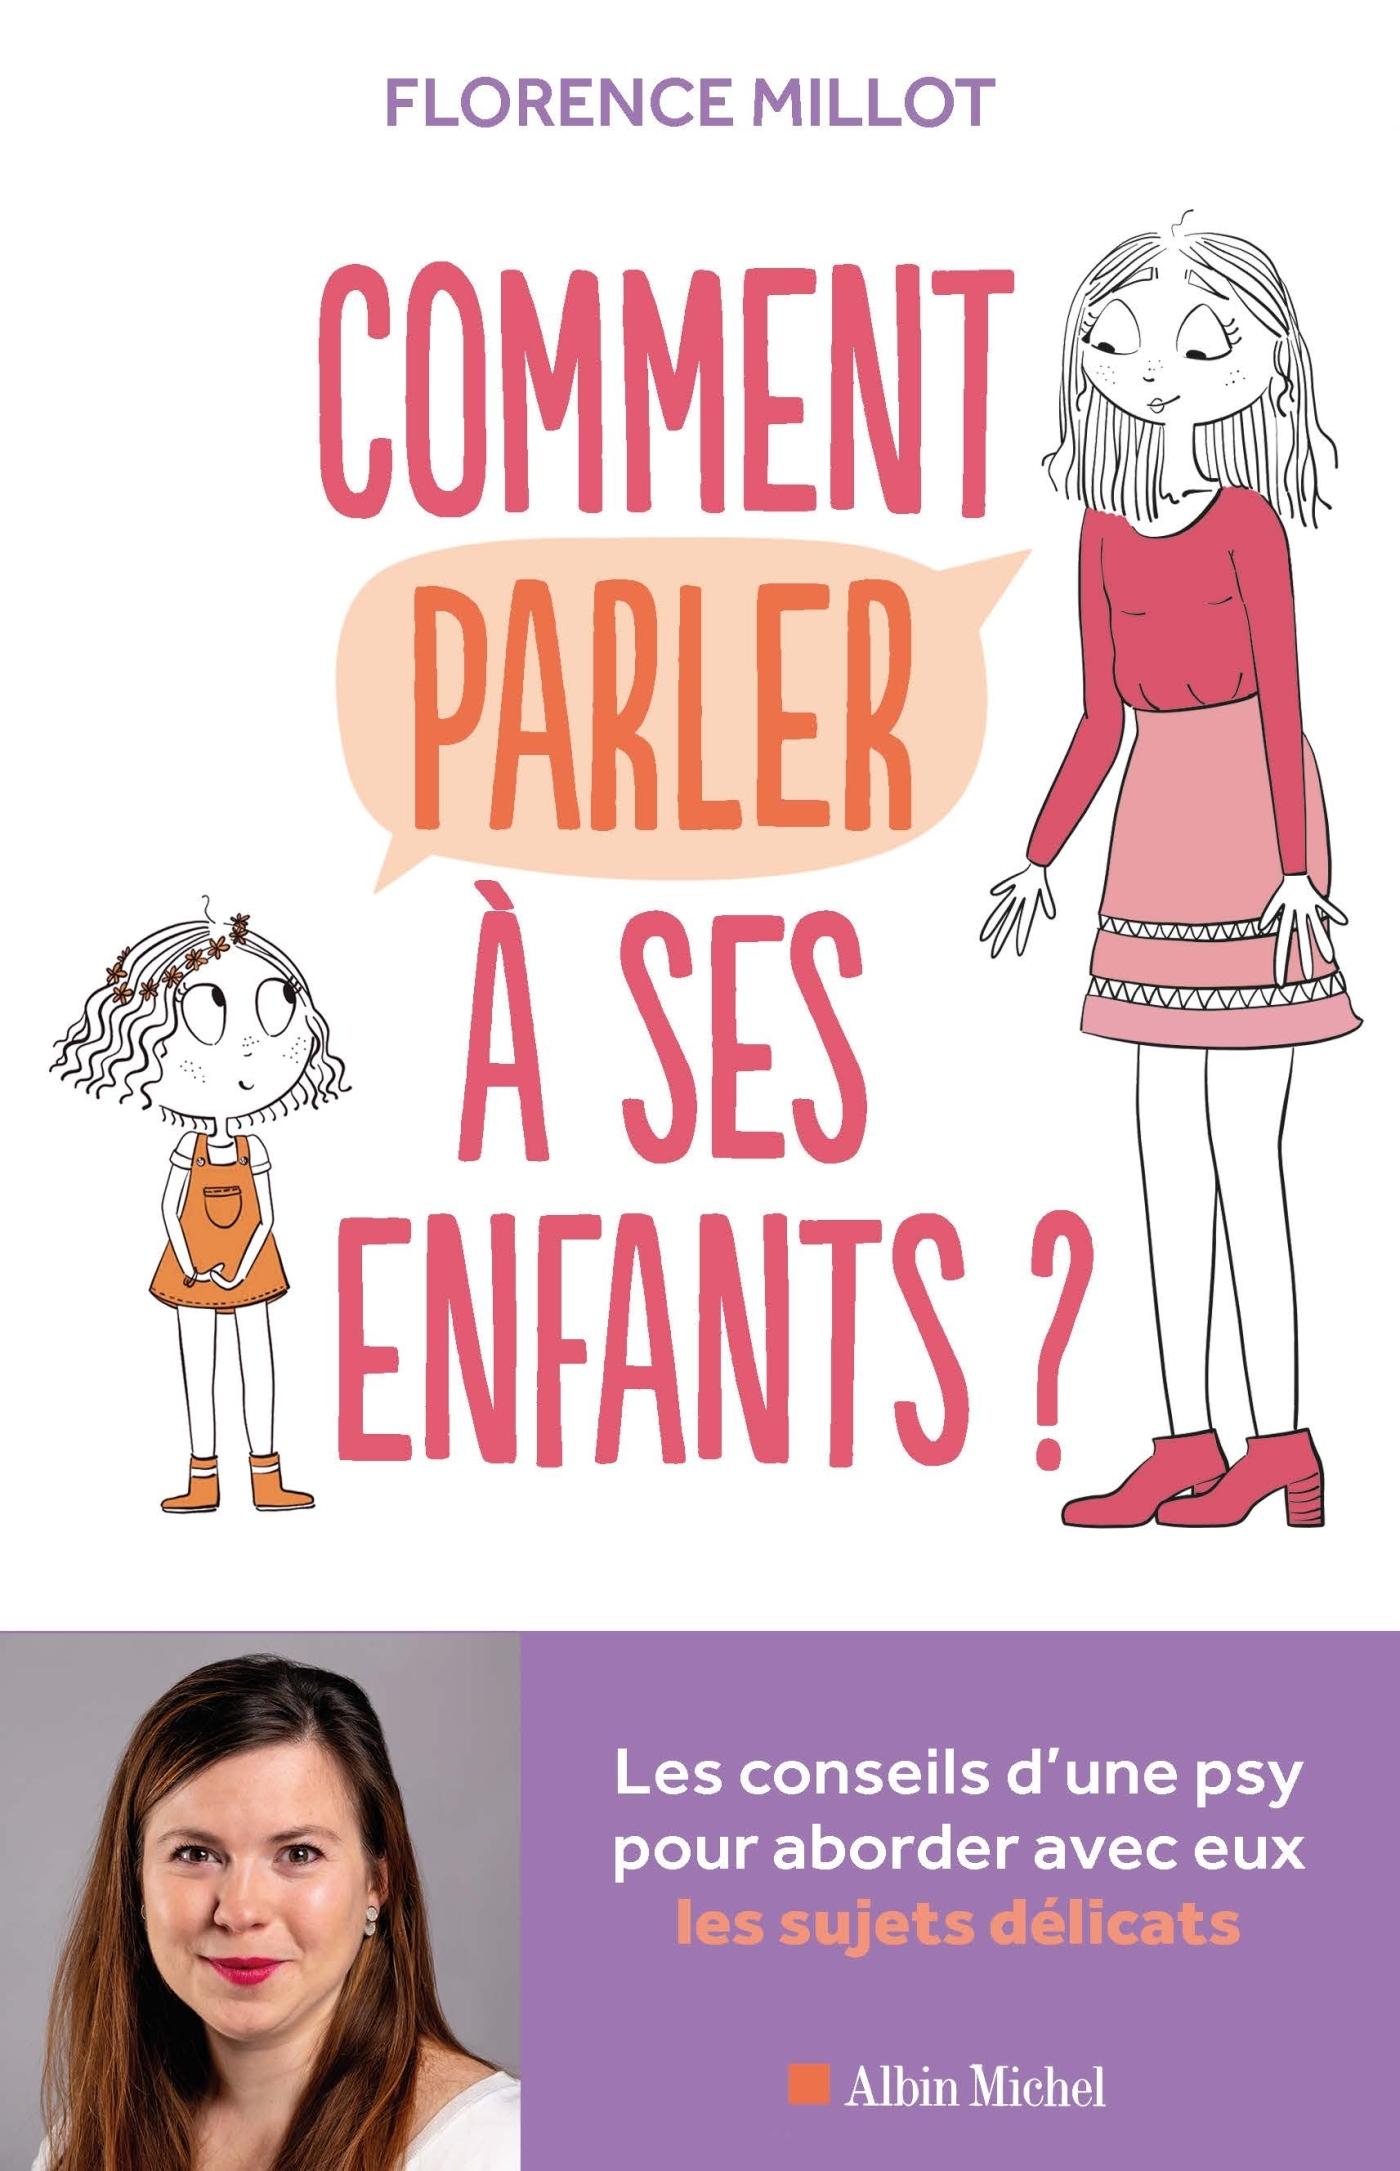 COMMENT PARLER A SES ENFANTS ? - LES CONSEILS D'UNE PSY POUR ABORDER AVEC EUX LES SUJETS DELICATS